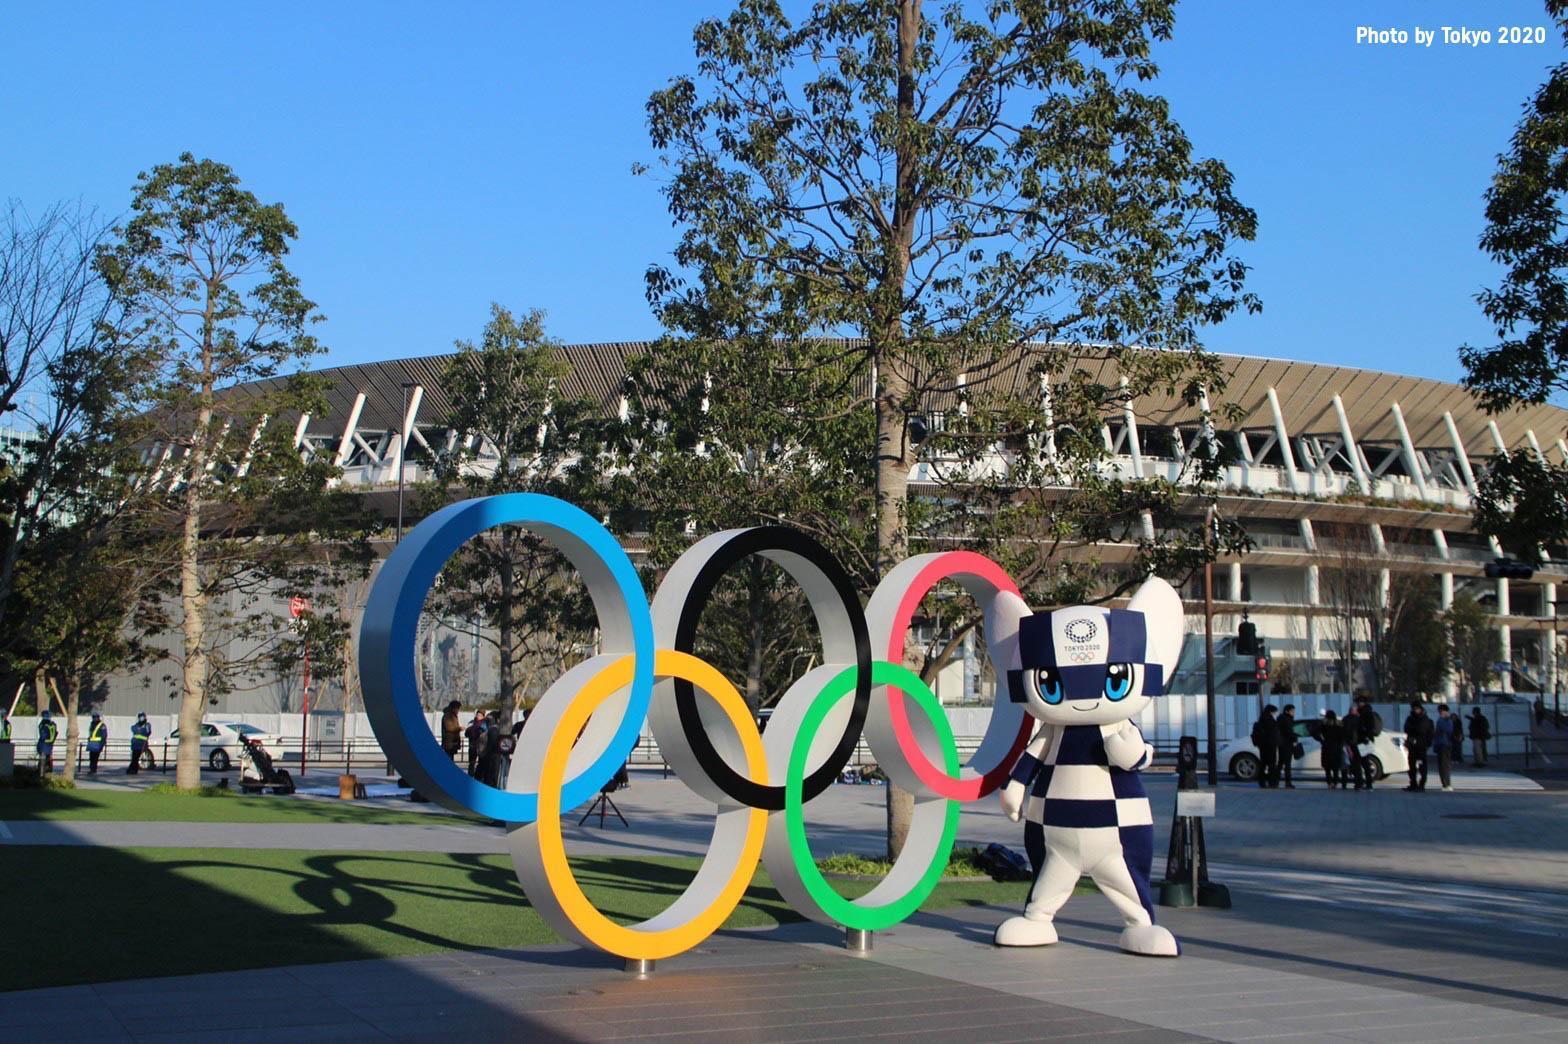 La selección de Sudáfrica de fútbol tiene previsto enfrentarse a la de Japón este jueves en el torneo olímpico de ese deporte. Foto Cortesía: @Tokyo2020